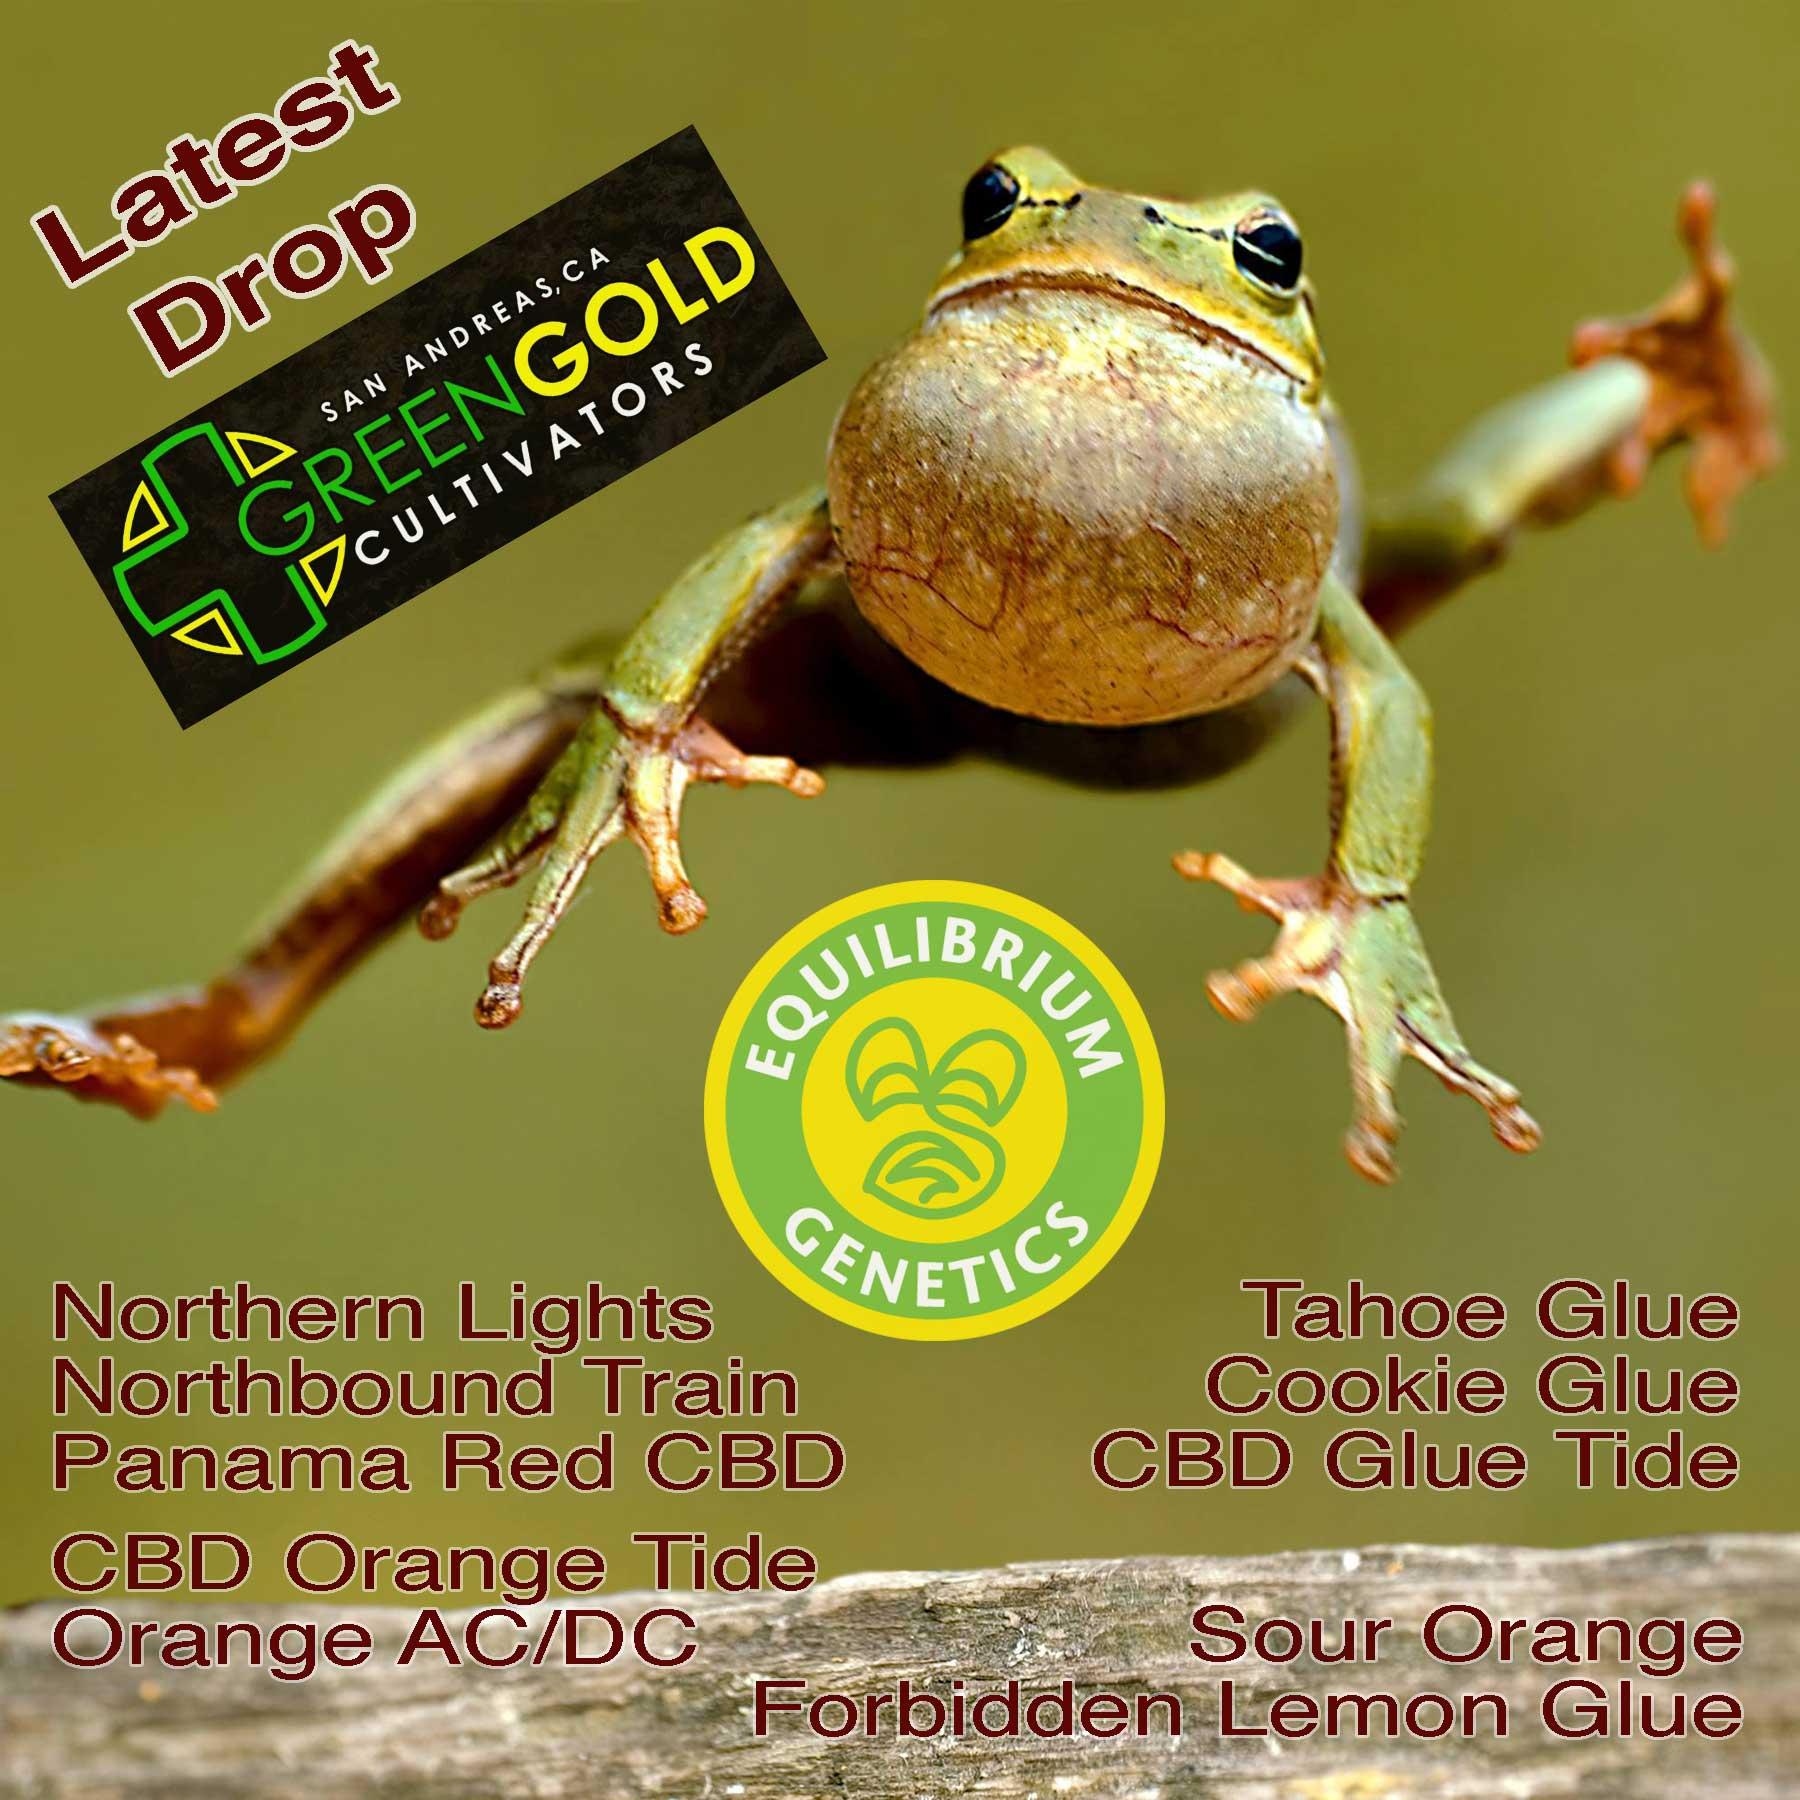 Latest Drop: Green Gold Cultivators